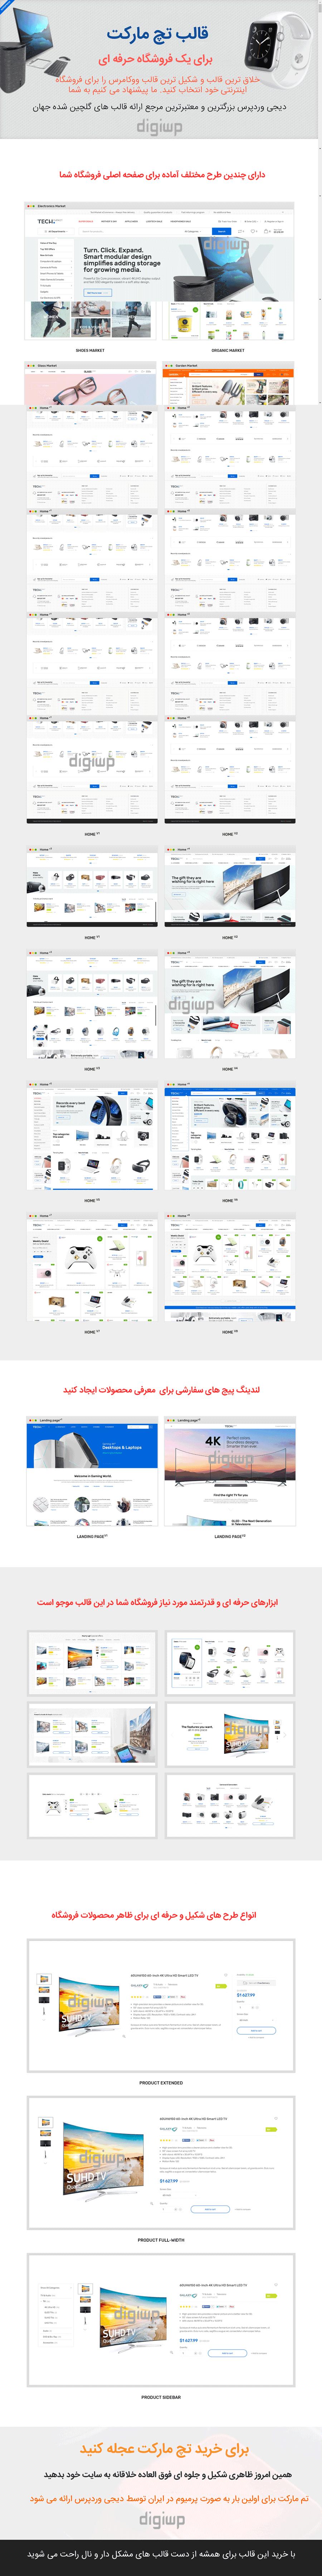 بهترین قالب وردپرس فروشگاهی tech market